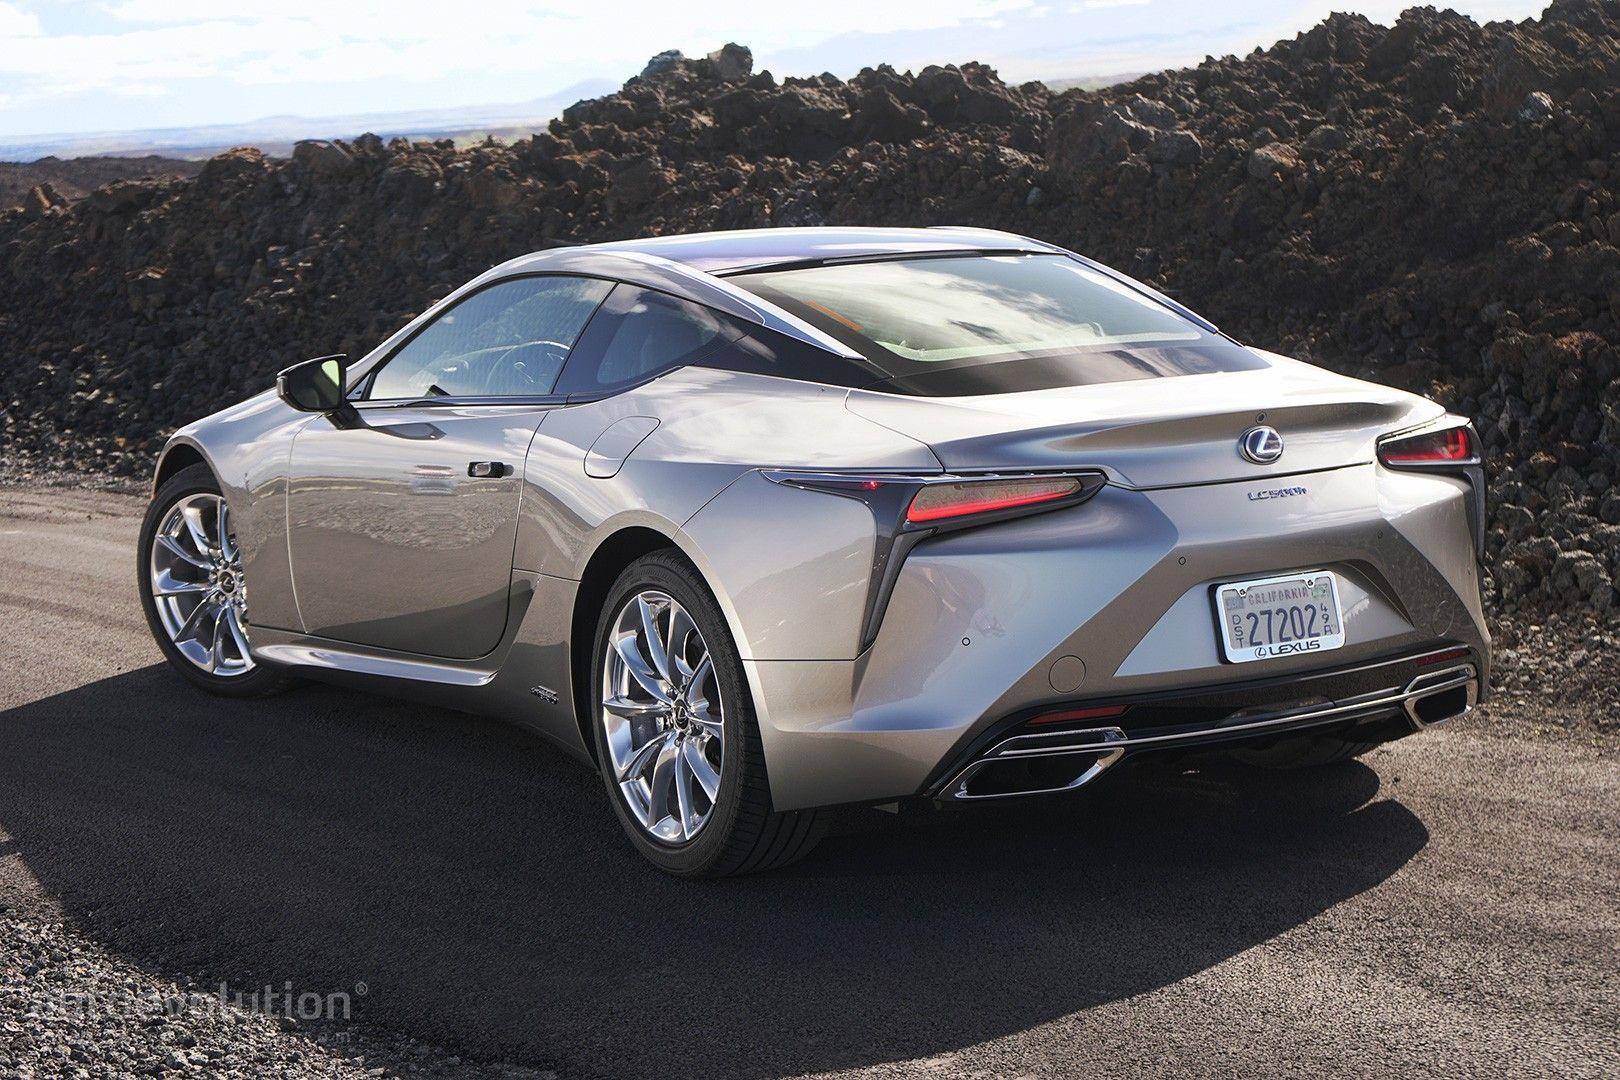 2017 Lexus LC 500 | Automotive Design | Pinterest | Automotive ...